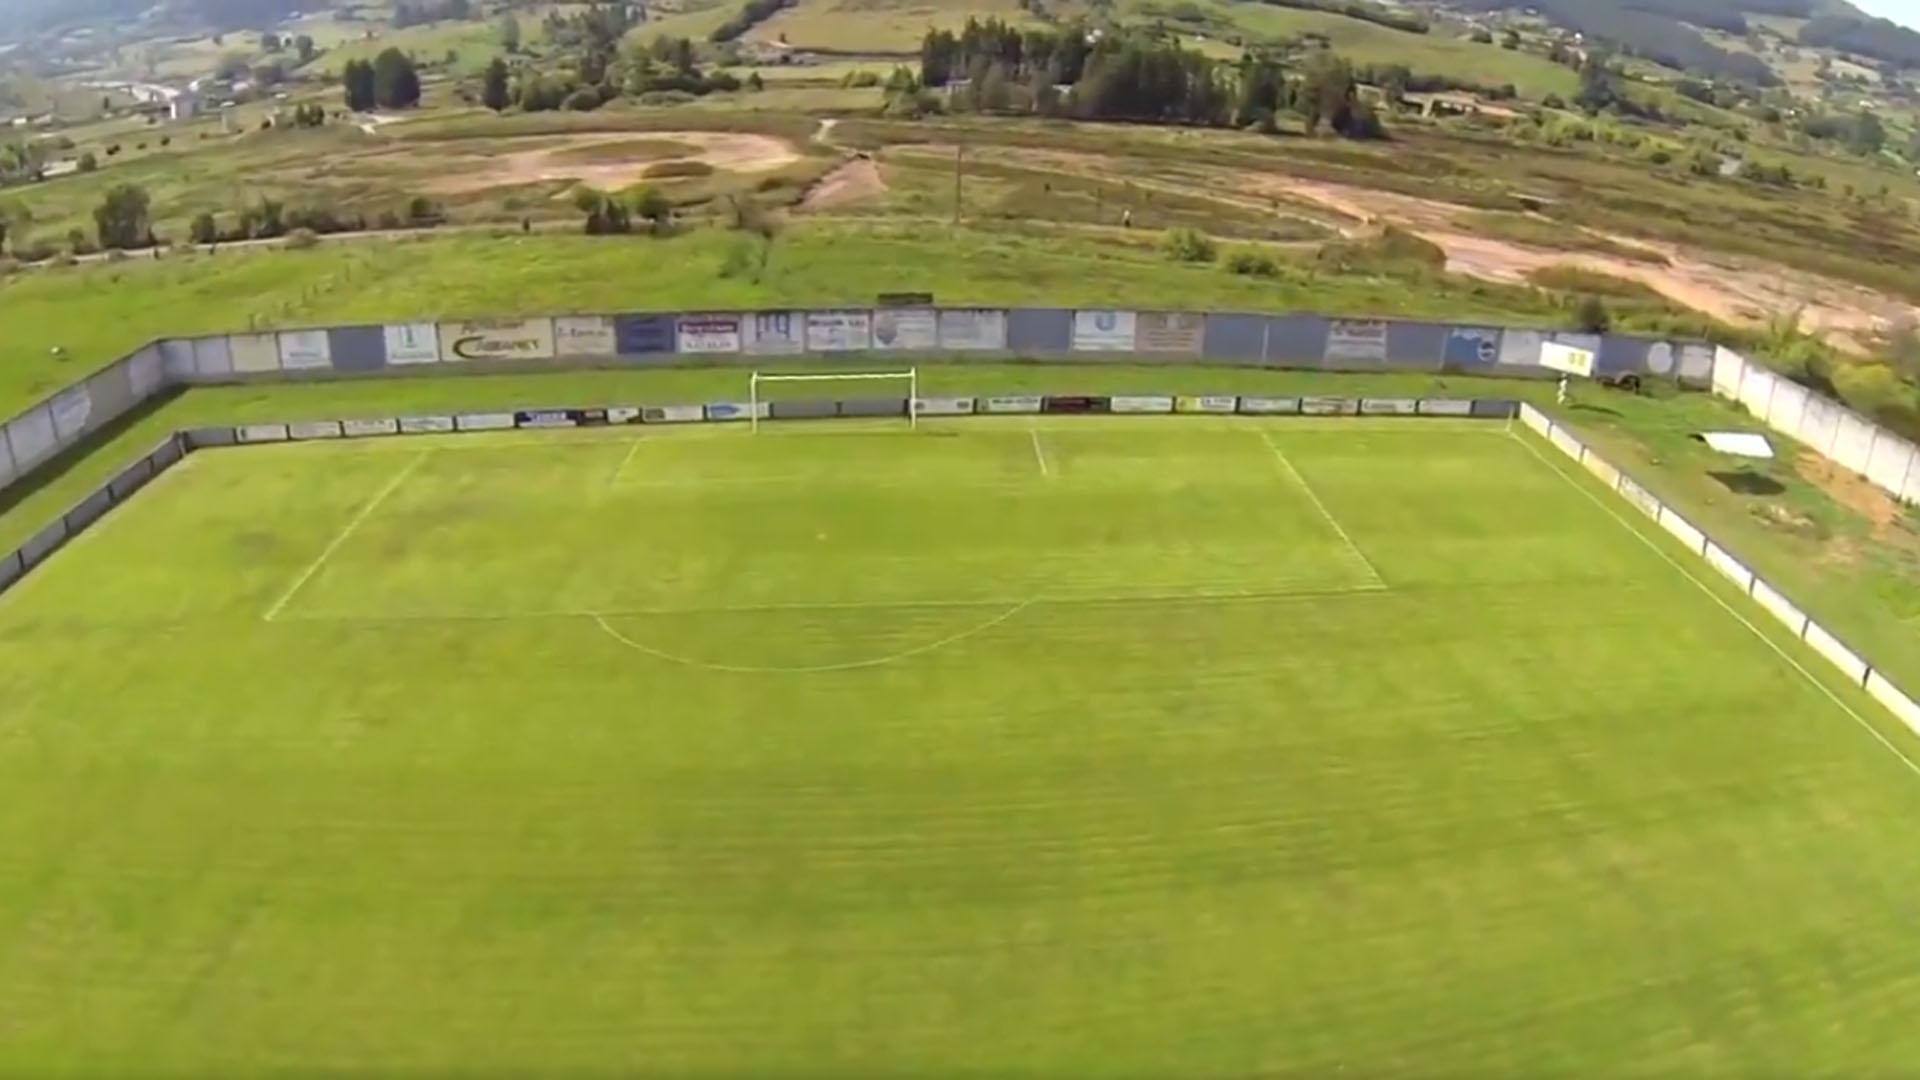 Vista aérea del Estadio del Lealtad